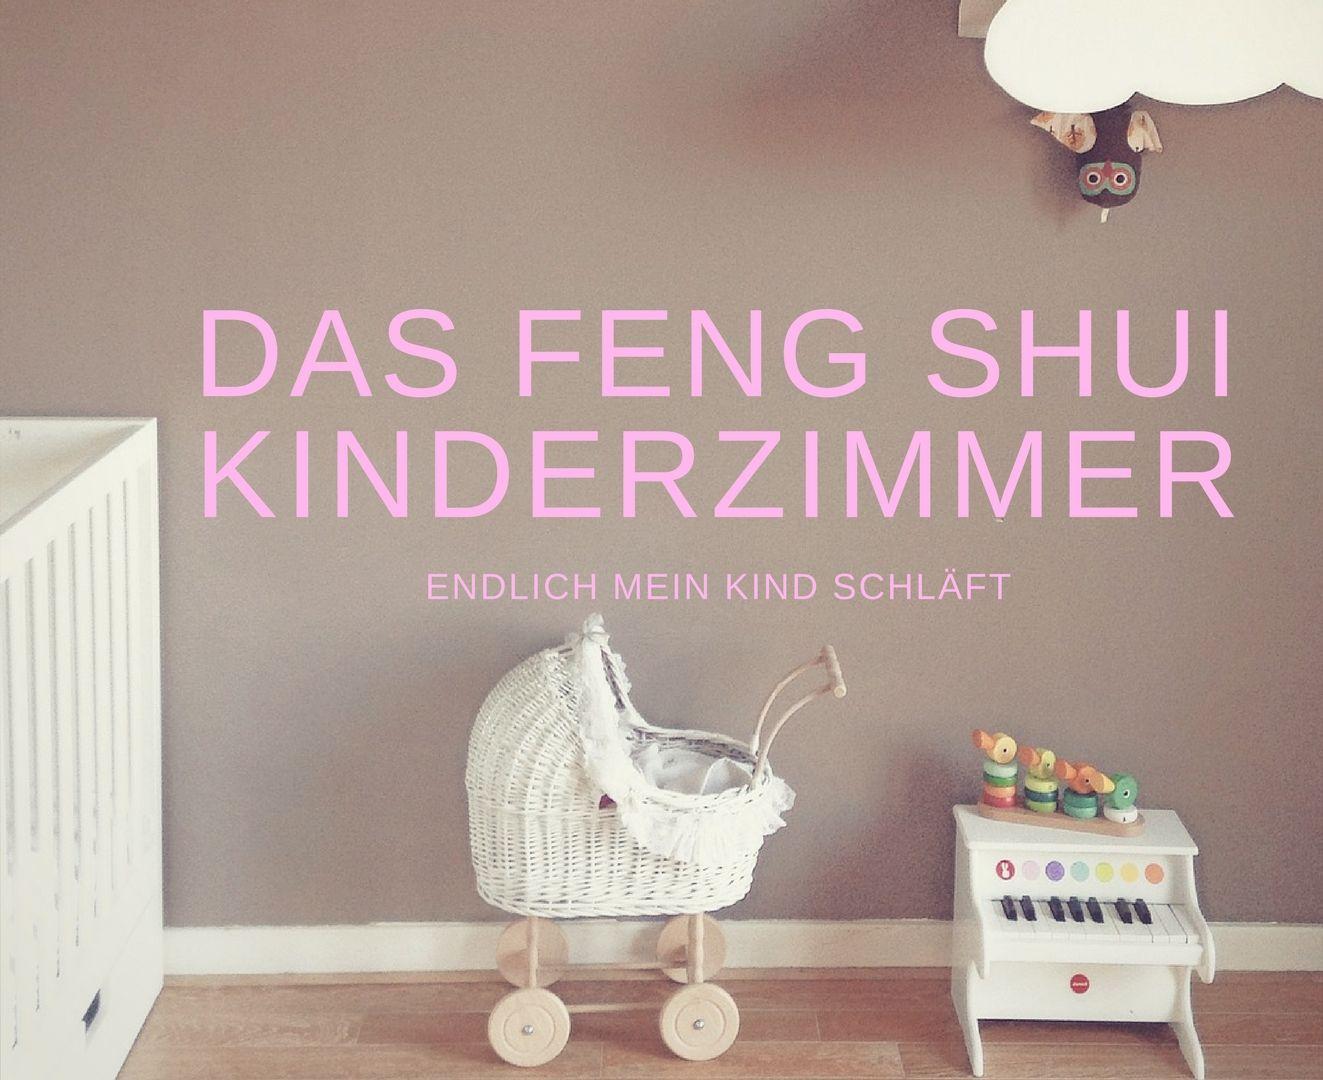 Feng Shui im Kinderzimmer hilft bei Schlafproblemen des